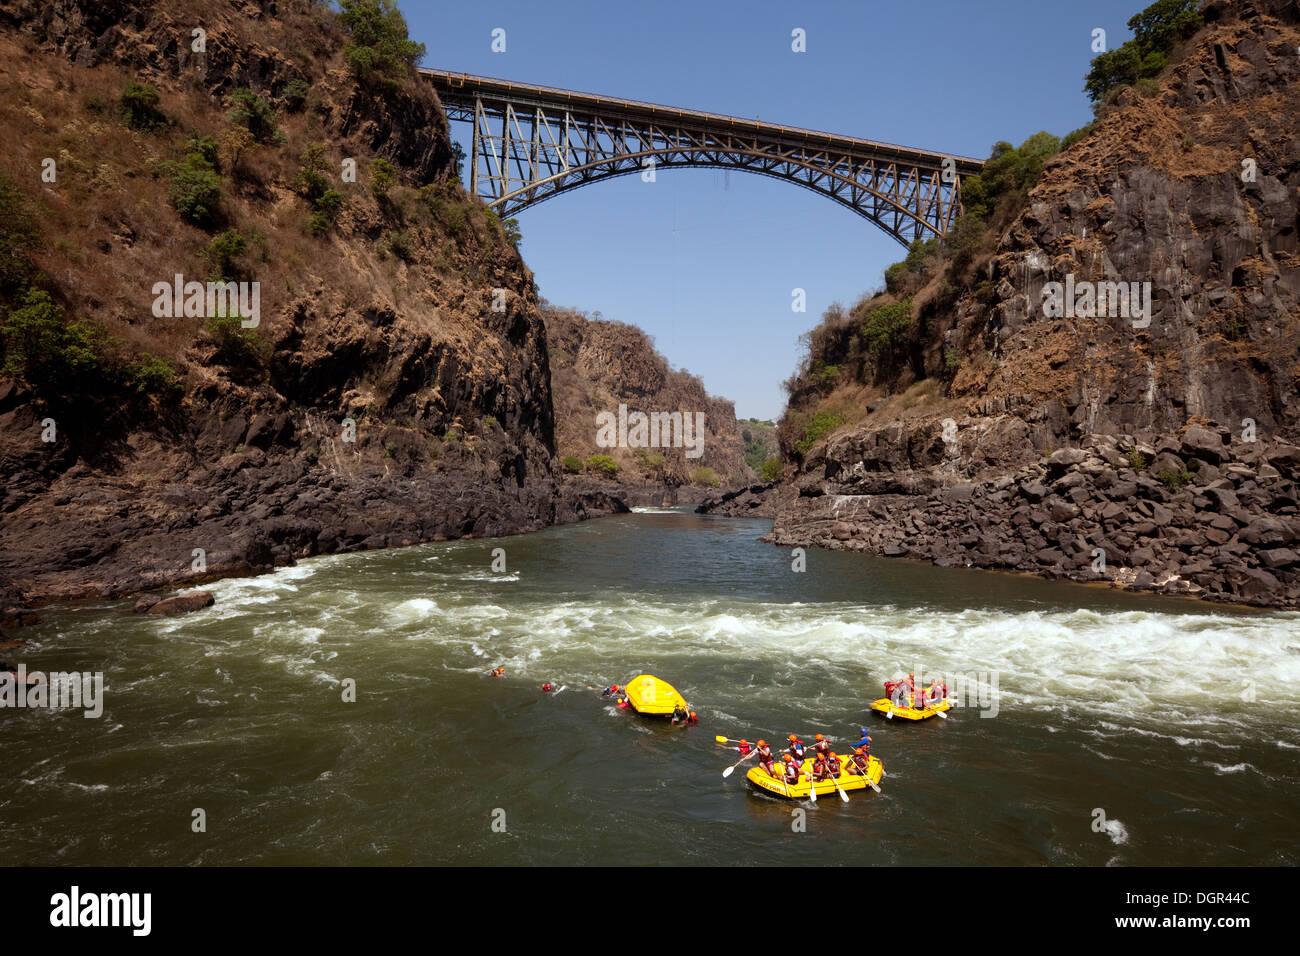 Abenteuerreisen, Menschen Wildwasser-rafting auf dem Sambesi-Fluss an den Victoria Falls Bridge, Sambia, Afrika Stockbild